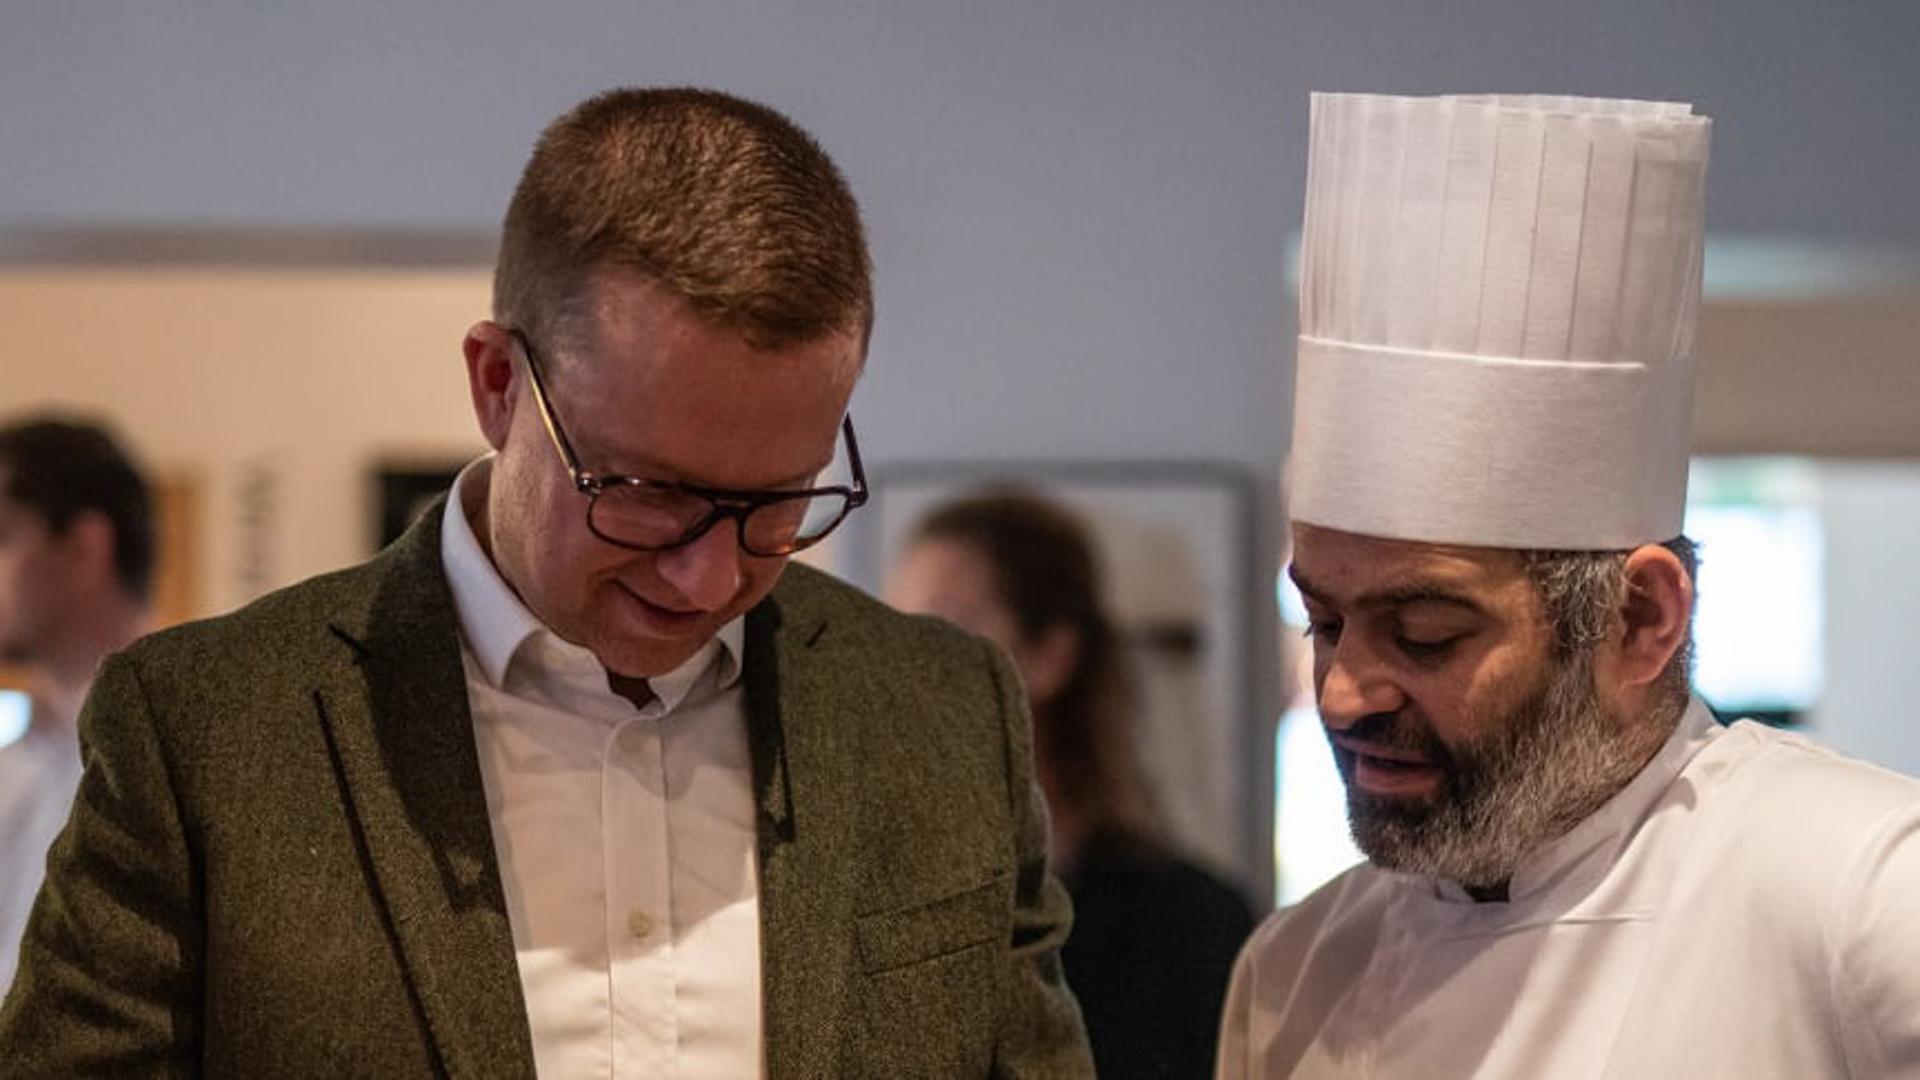 Lidl udvider luksussortiment med chokolader fra prisvindende dansk chokoladefabrik og Wassim Hallal